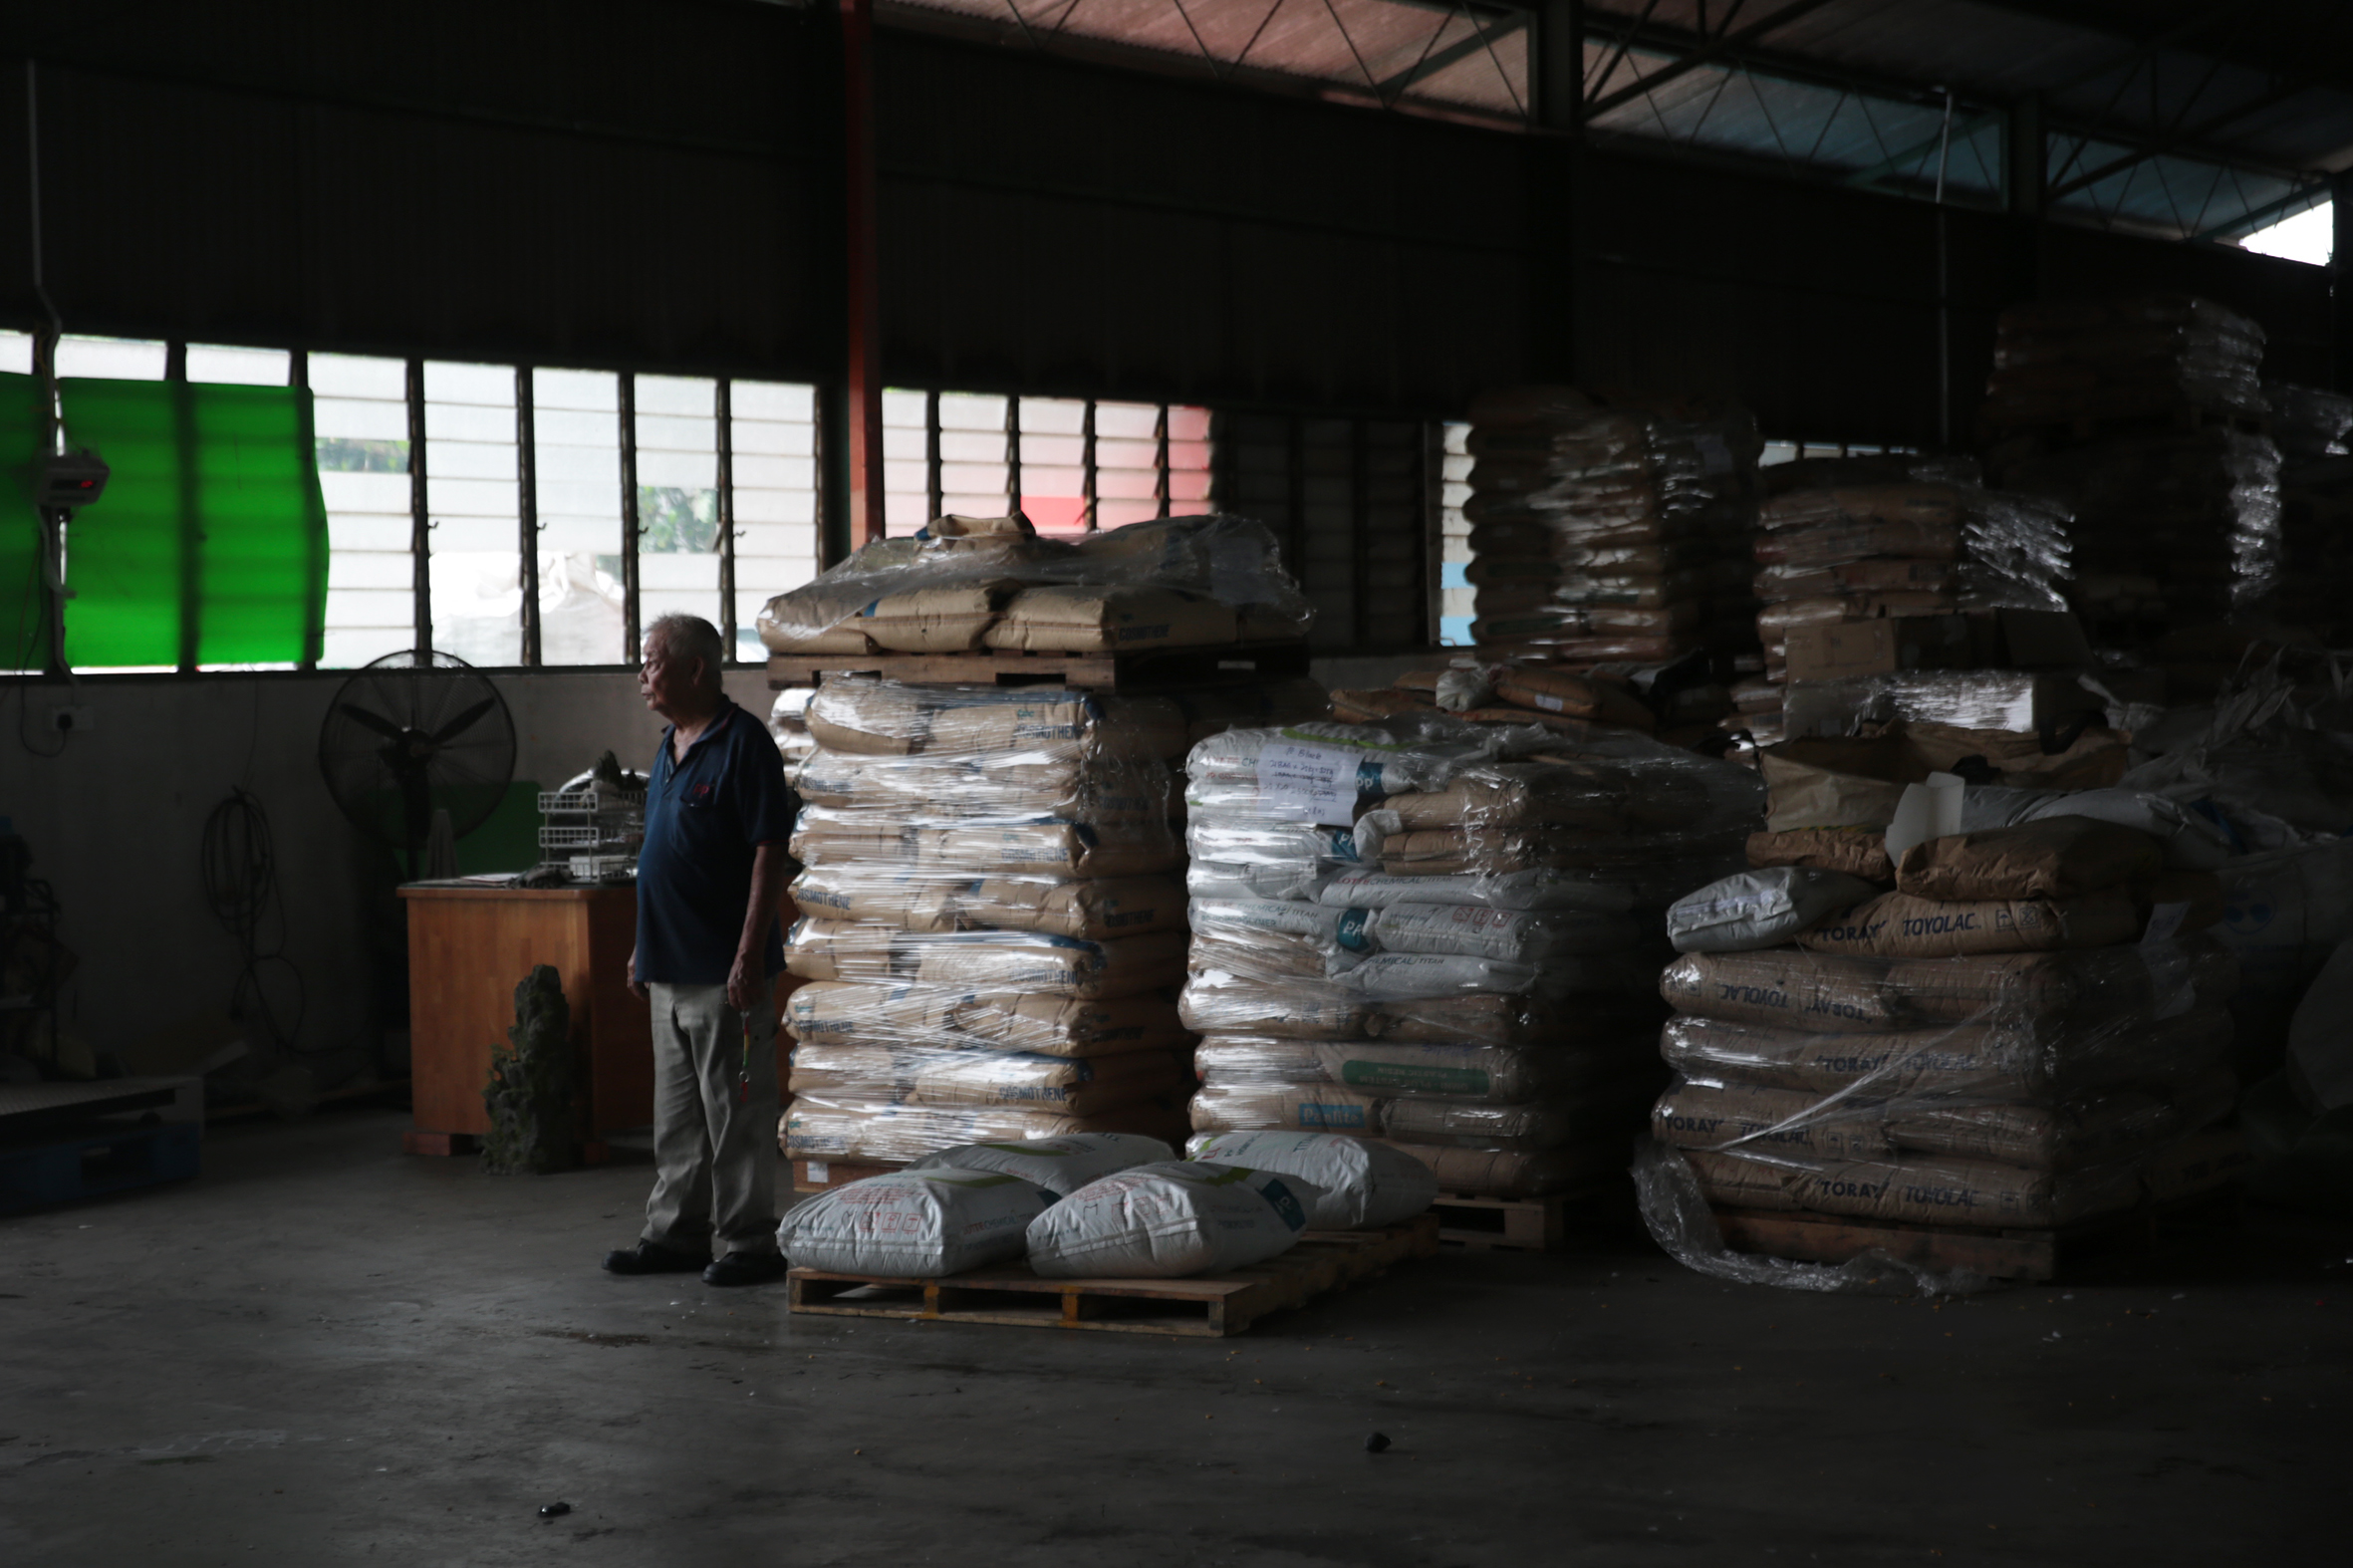 ...Sau đó, chúng được đóng bao để chuyển sang nhà máy sản xuất đồ dùng tái chế tại Malaysia.